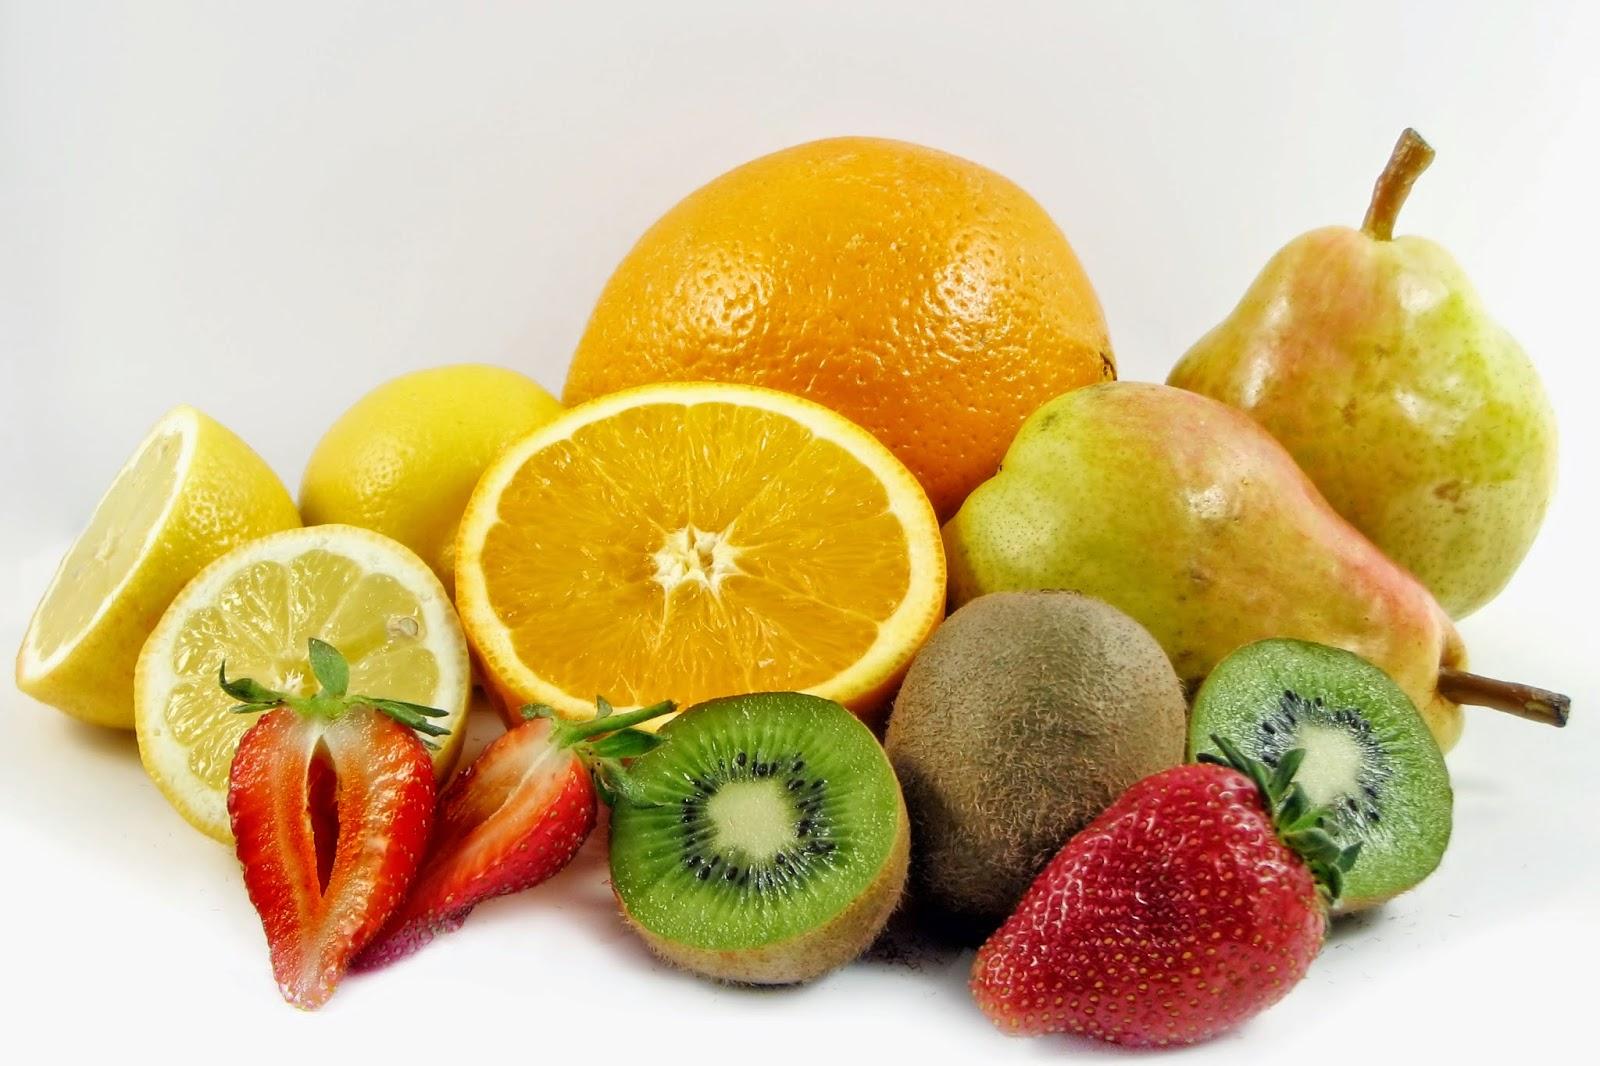 Jedzenie bez chemii – zdrowa przekąska –  pudełko warzywno-owocowe do pracy, szkoły, na wycieczkę